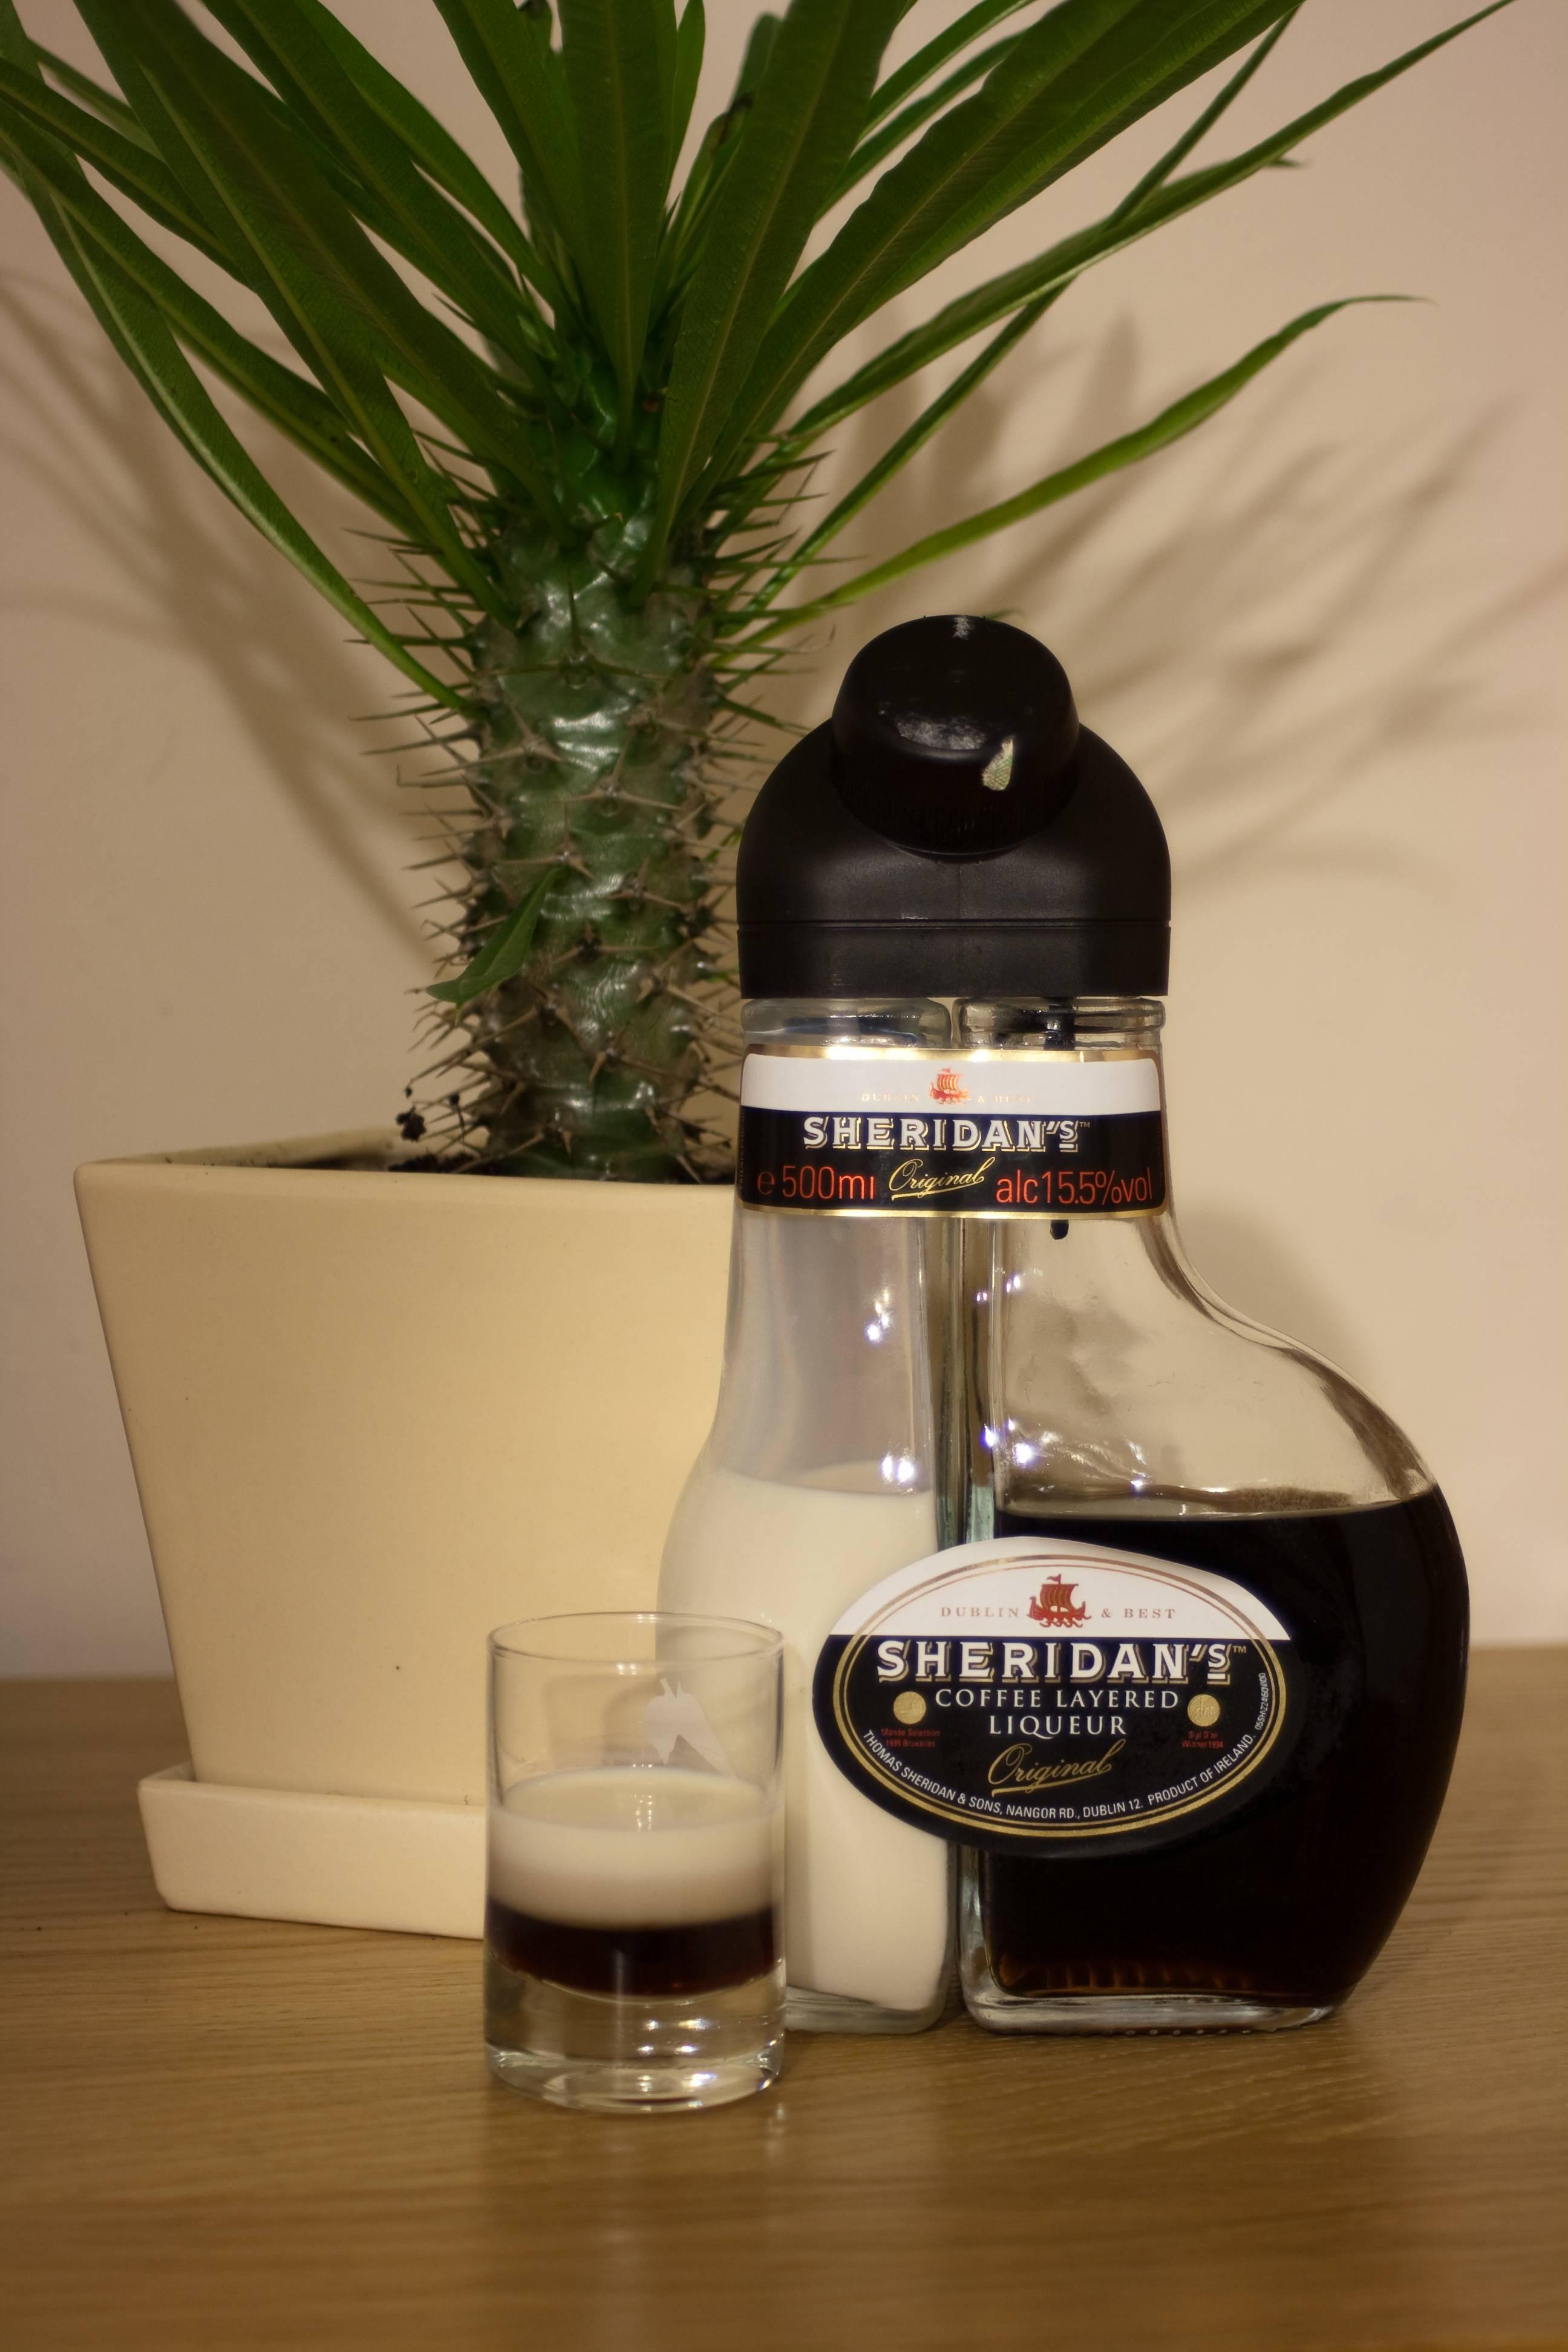 Как сделать ликер шериданс дома: как наливать, как пить, рецепты своими руками